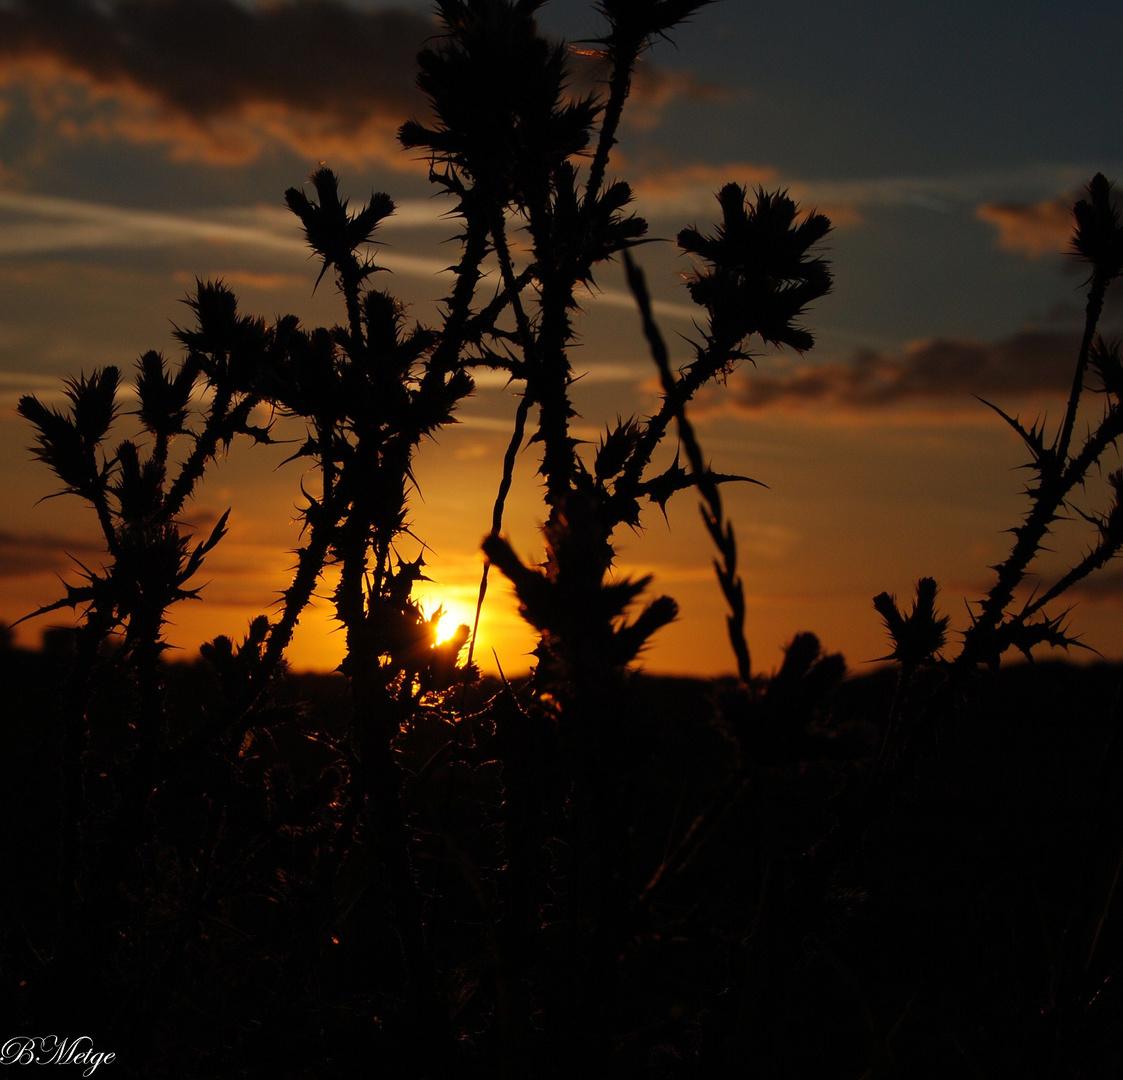 coucher de soleil sur chardons